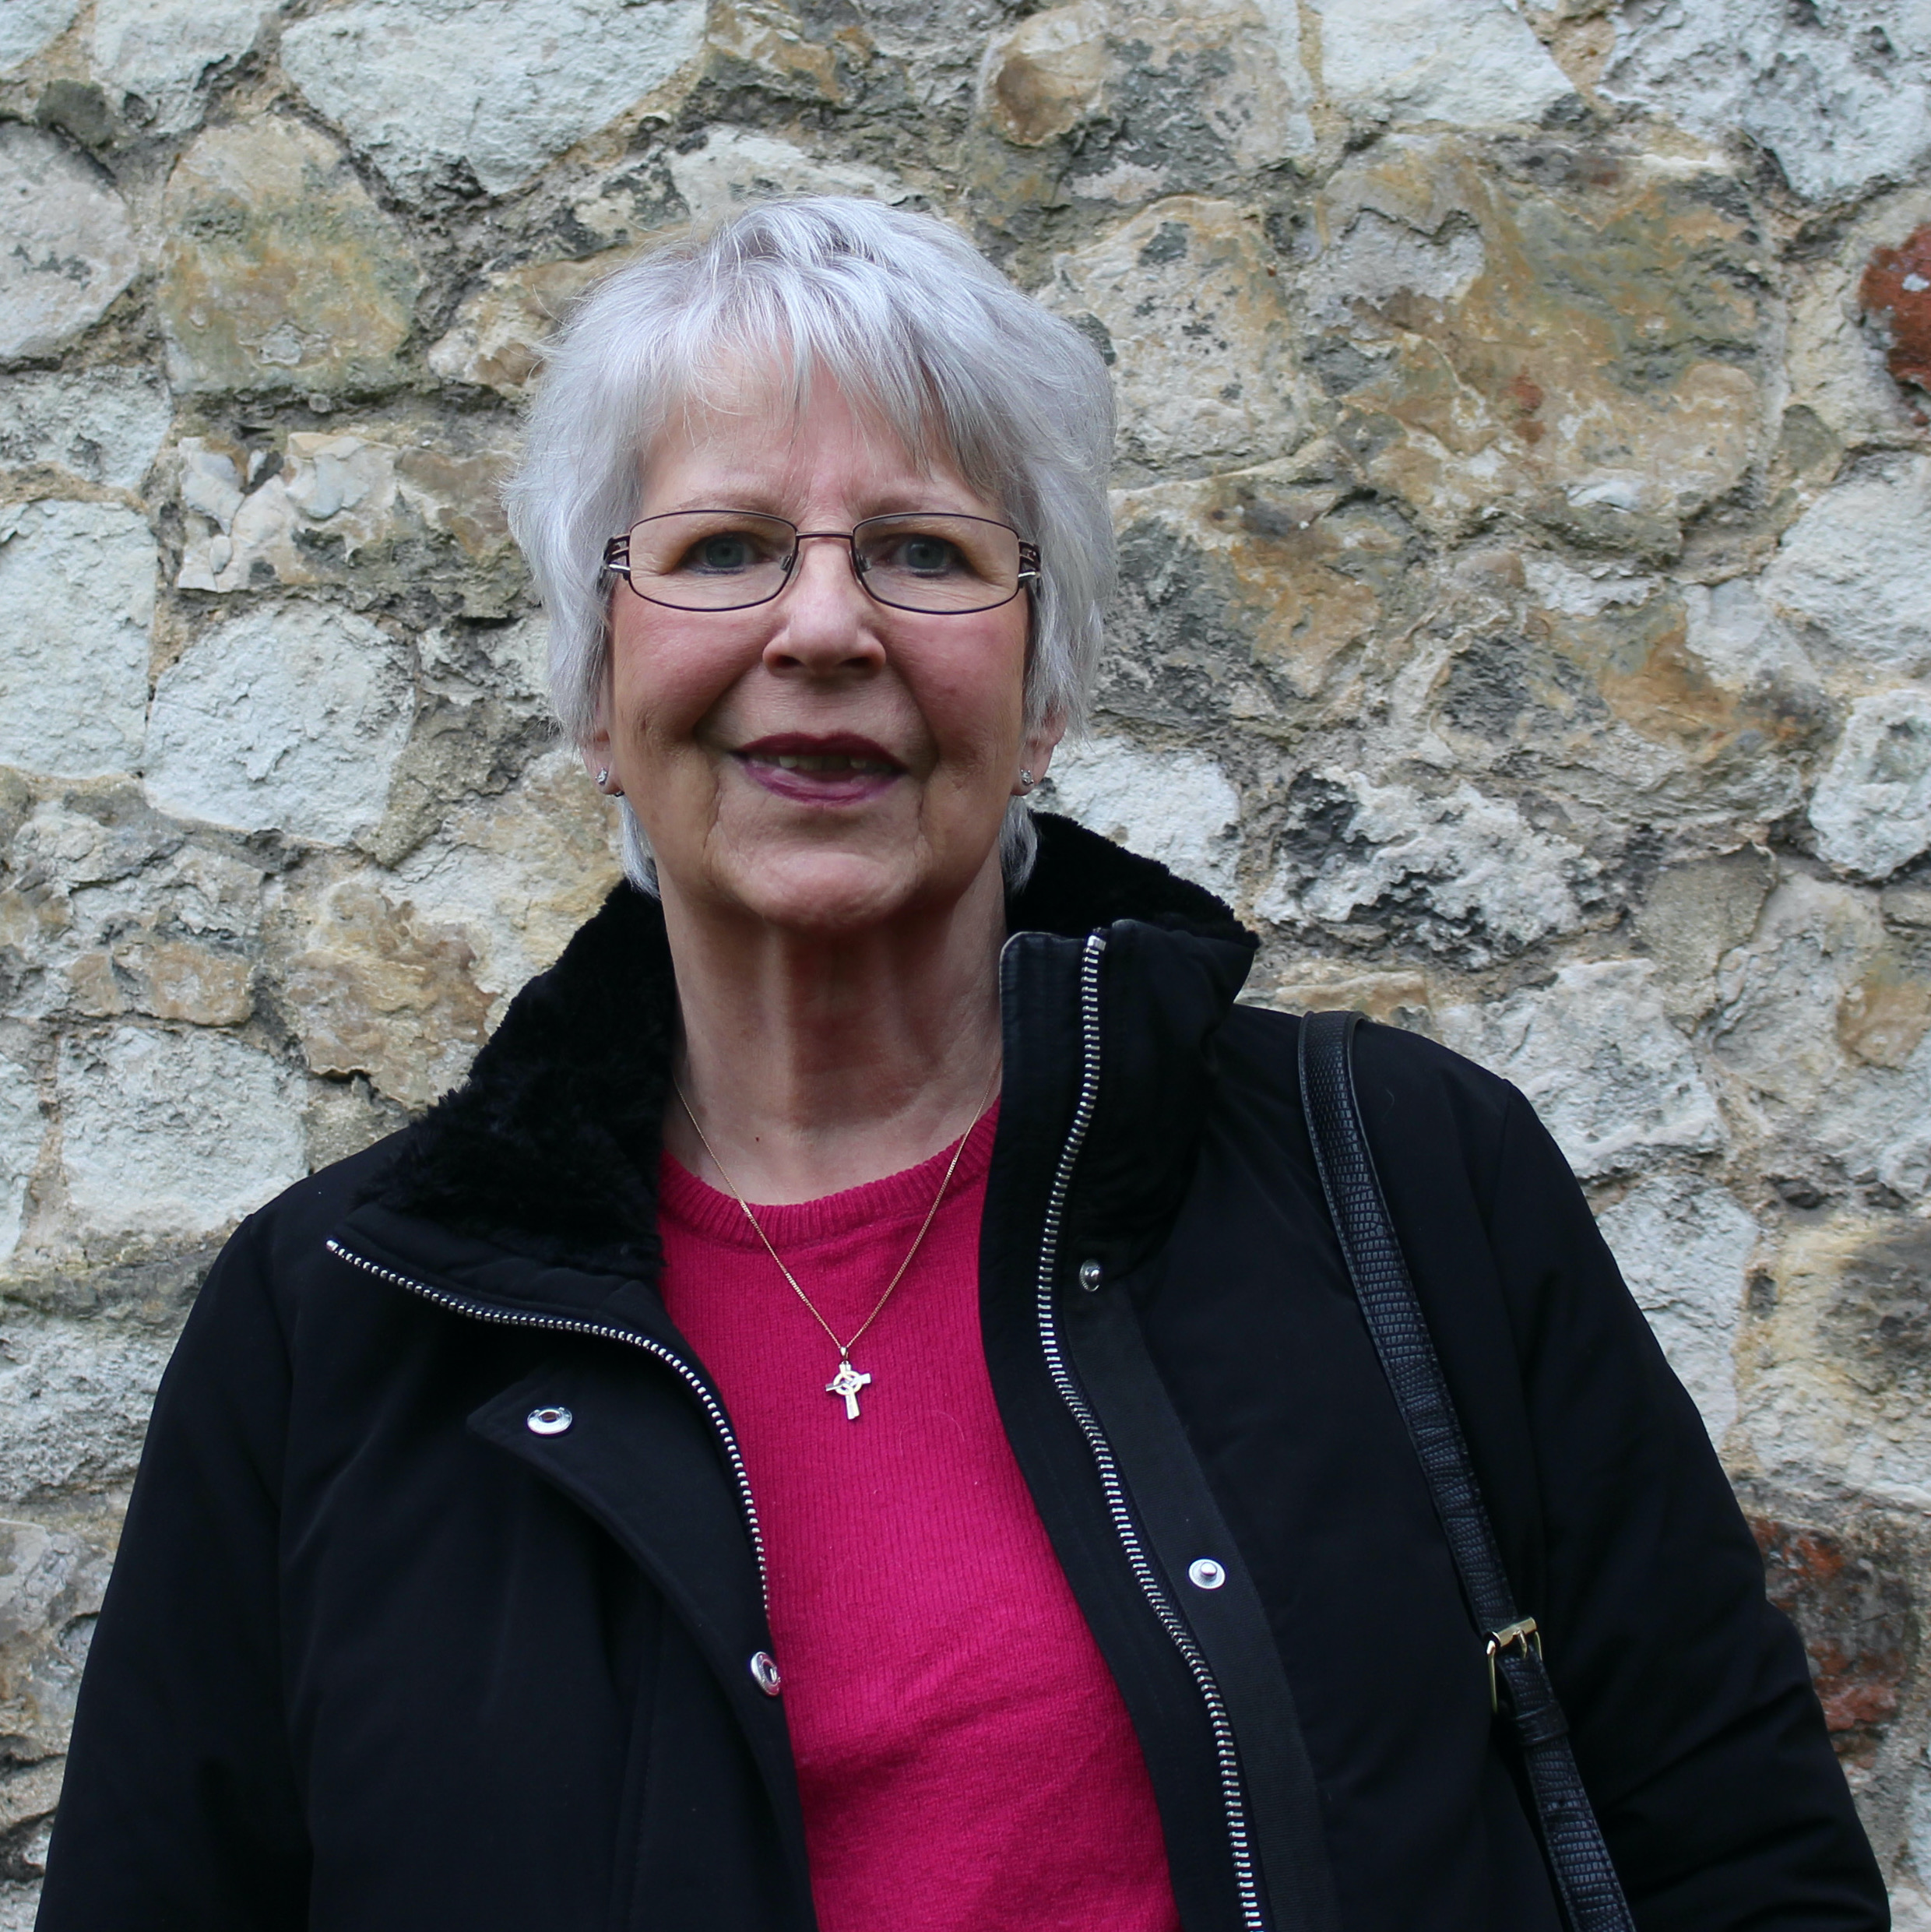 Linda Tolmie